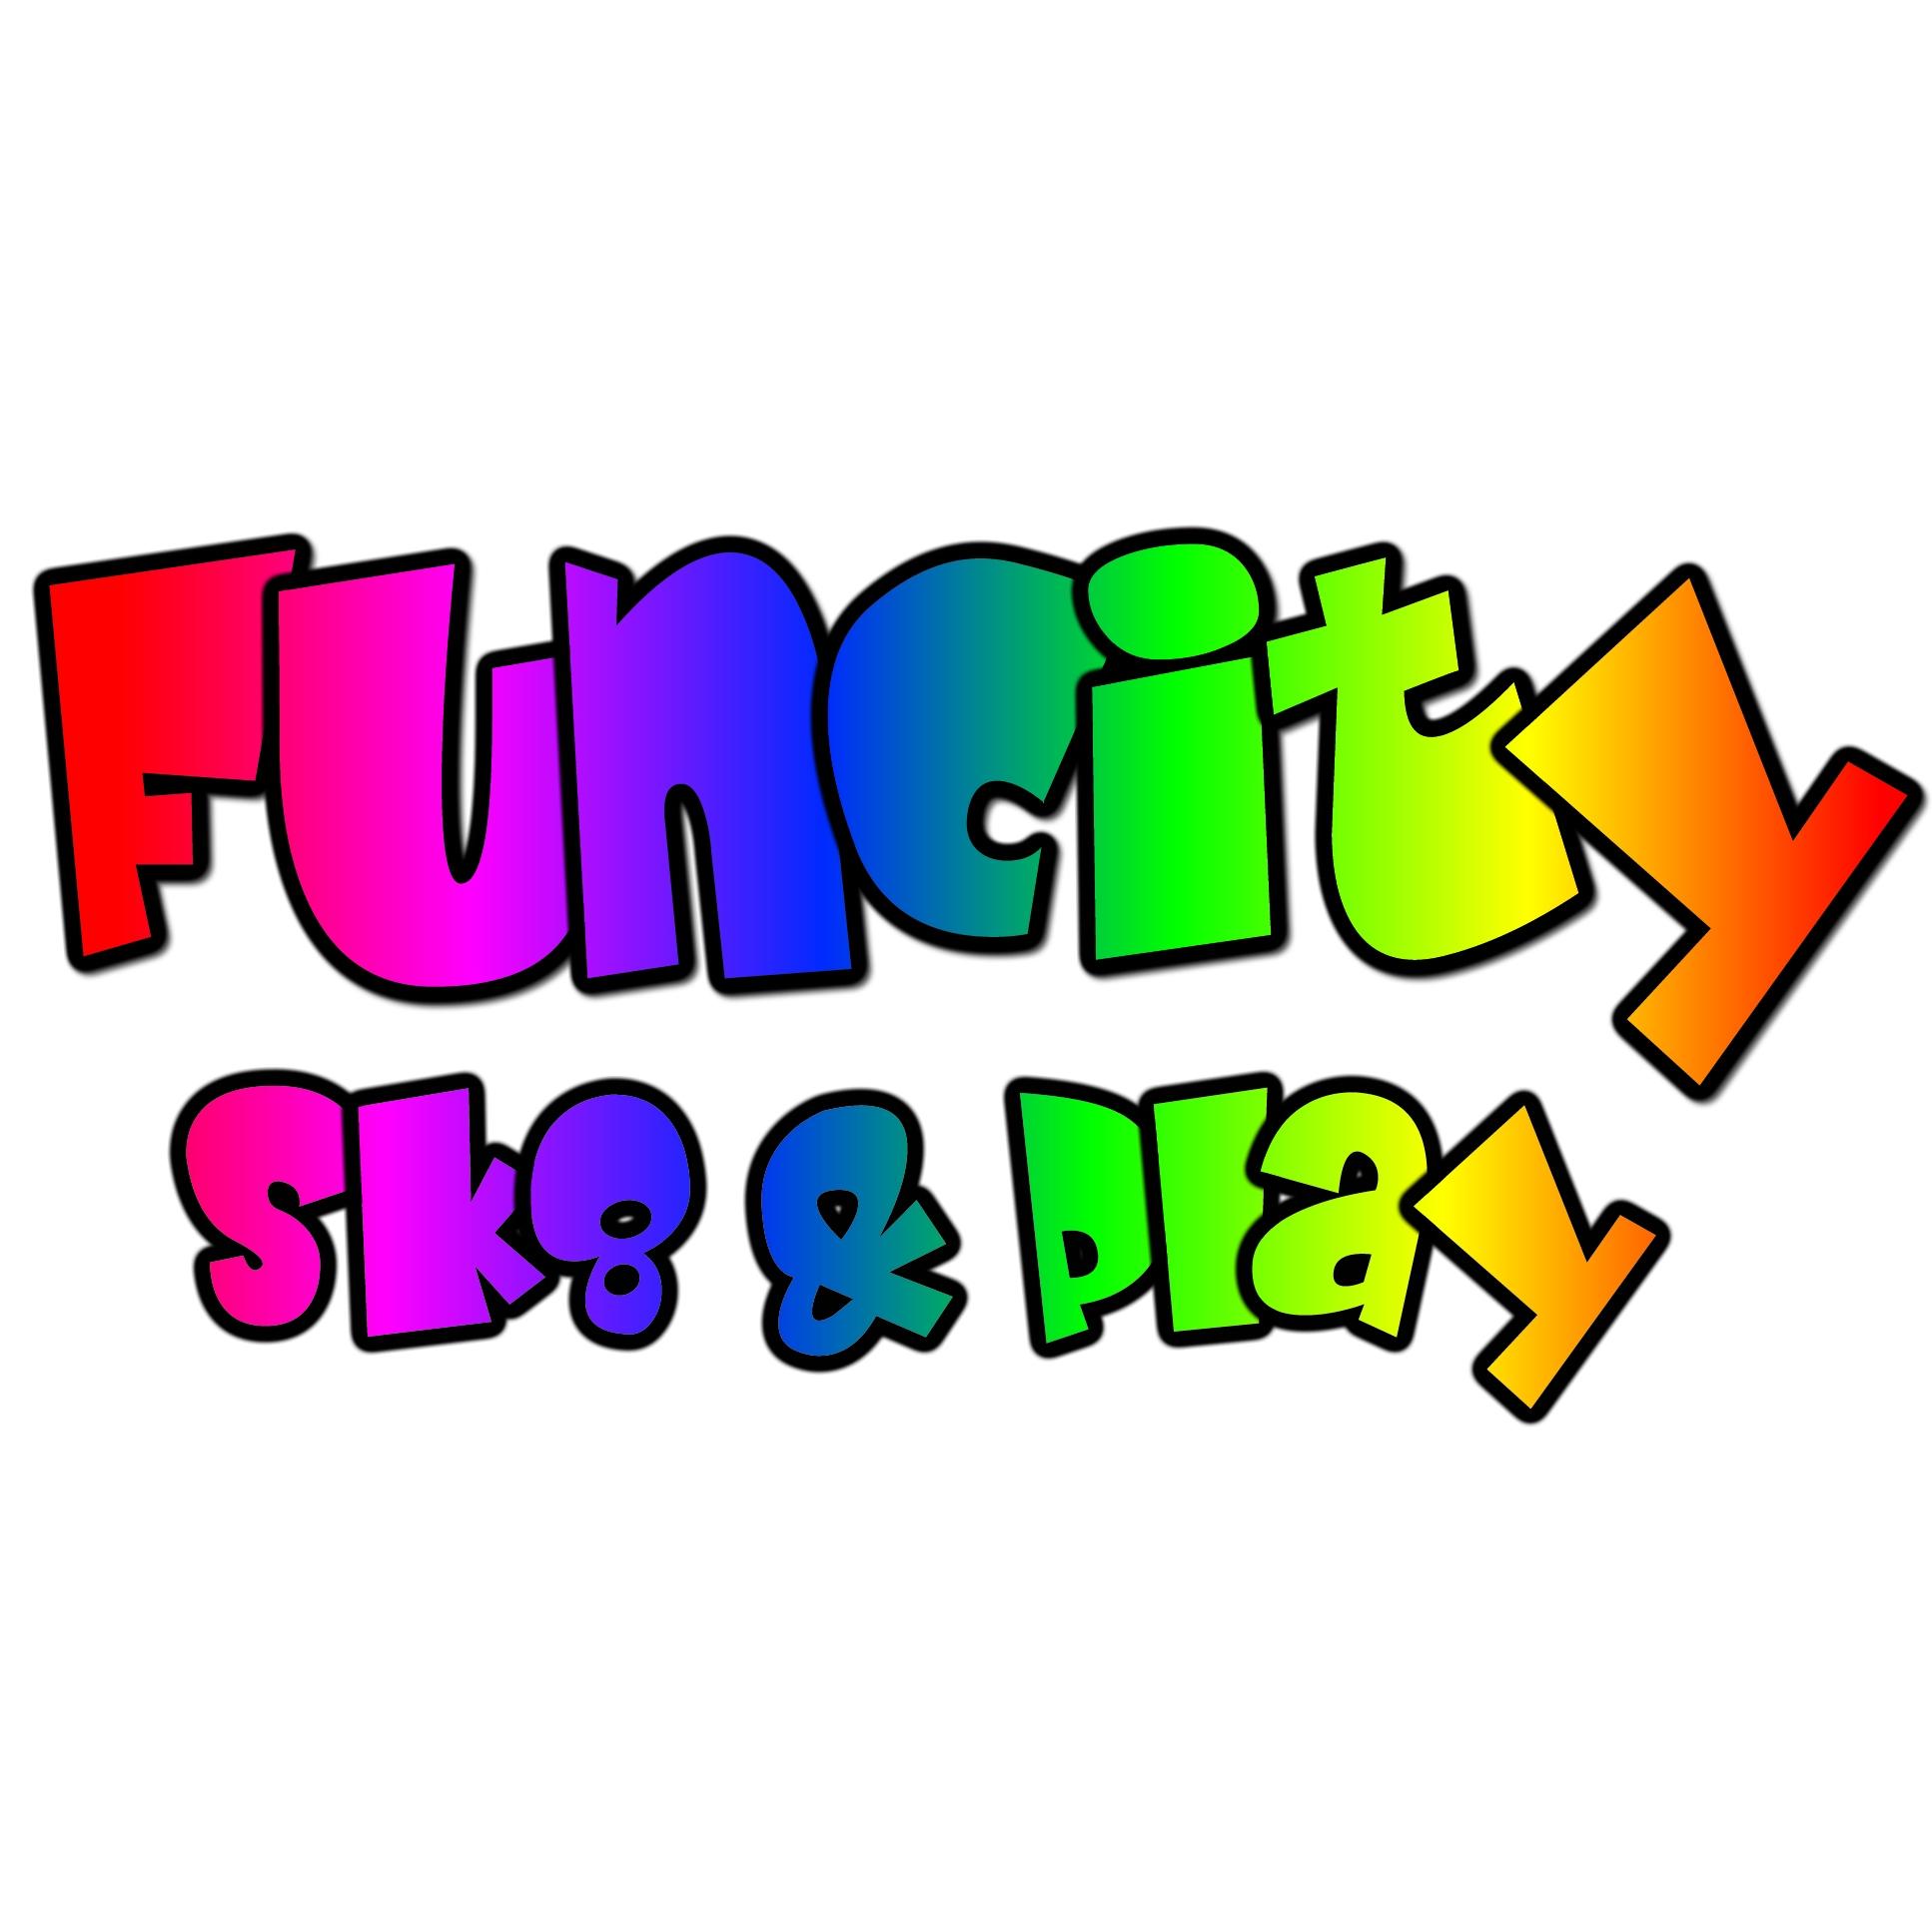 Funcity Sk8